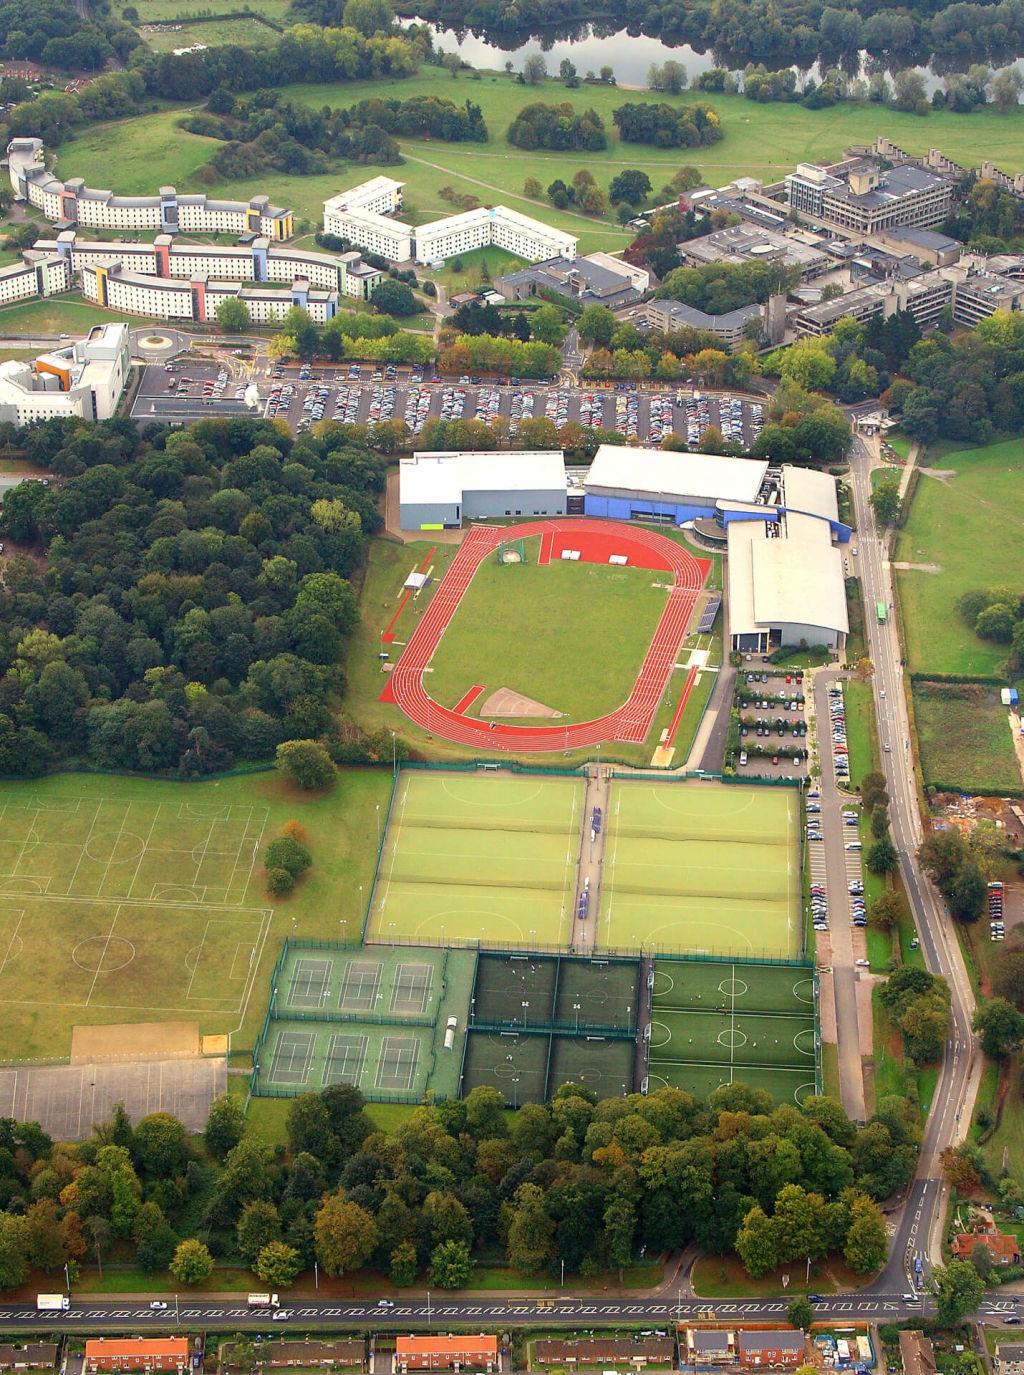 Sportspark Aerial View